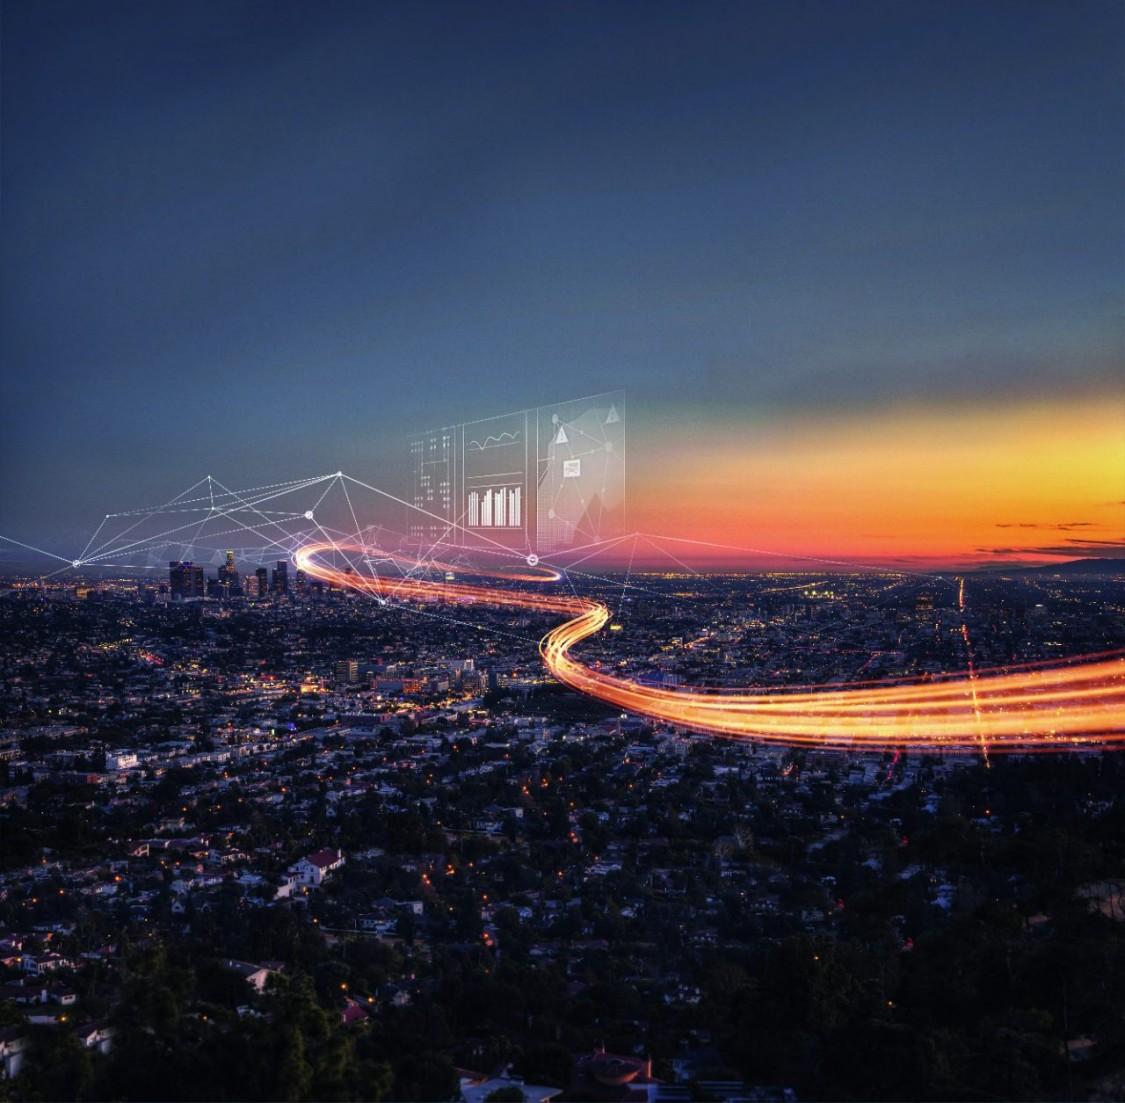 imagem aérea de uma estrada com caminhos de luzes representando a distribuição de energia